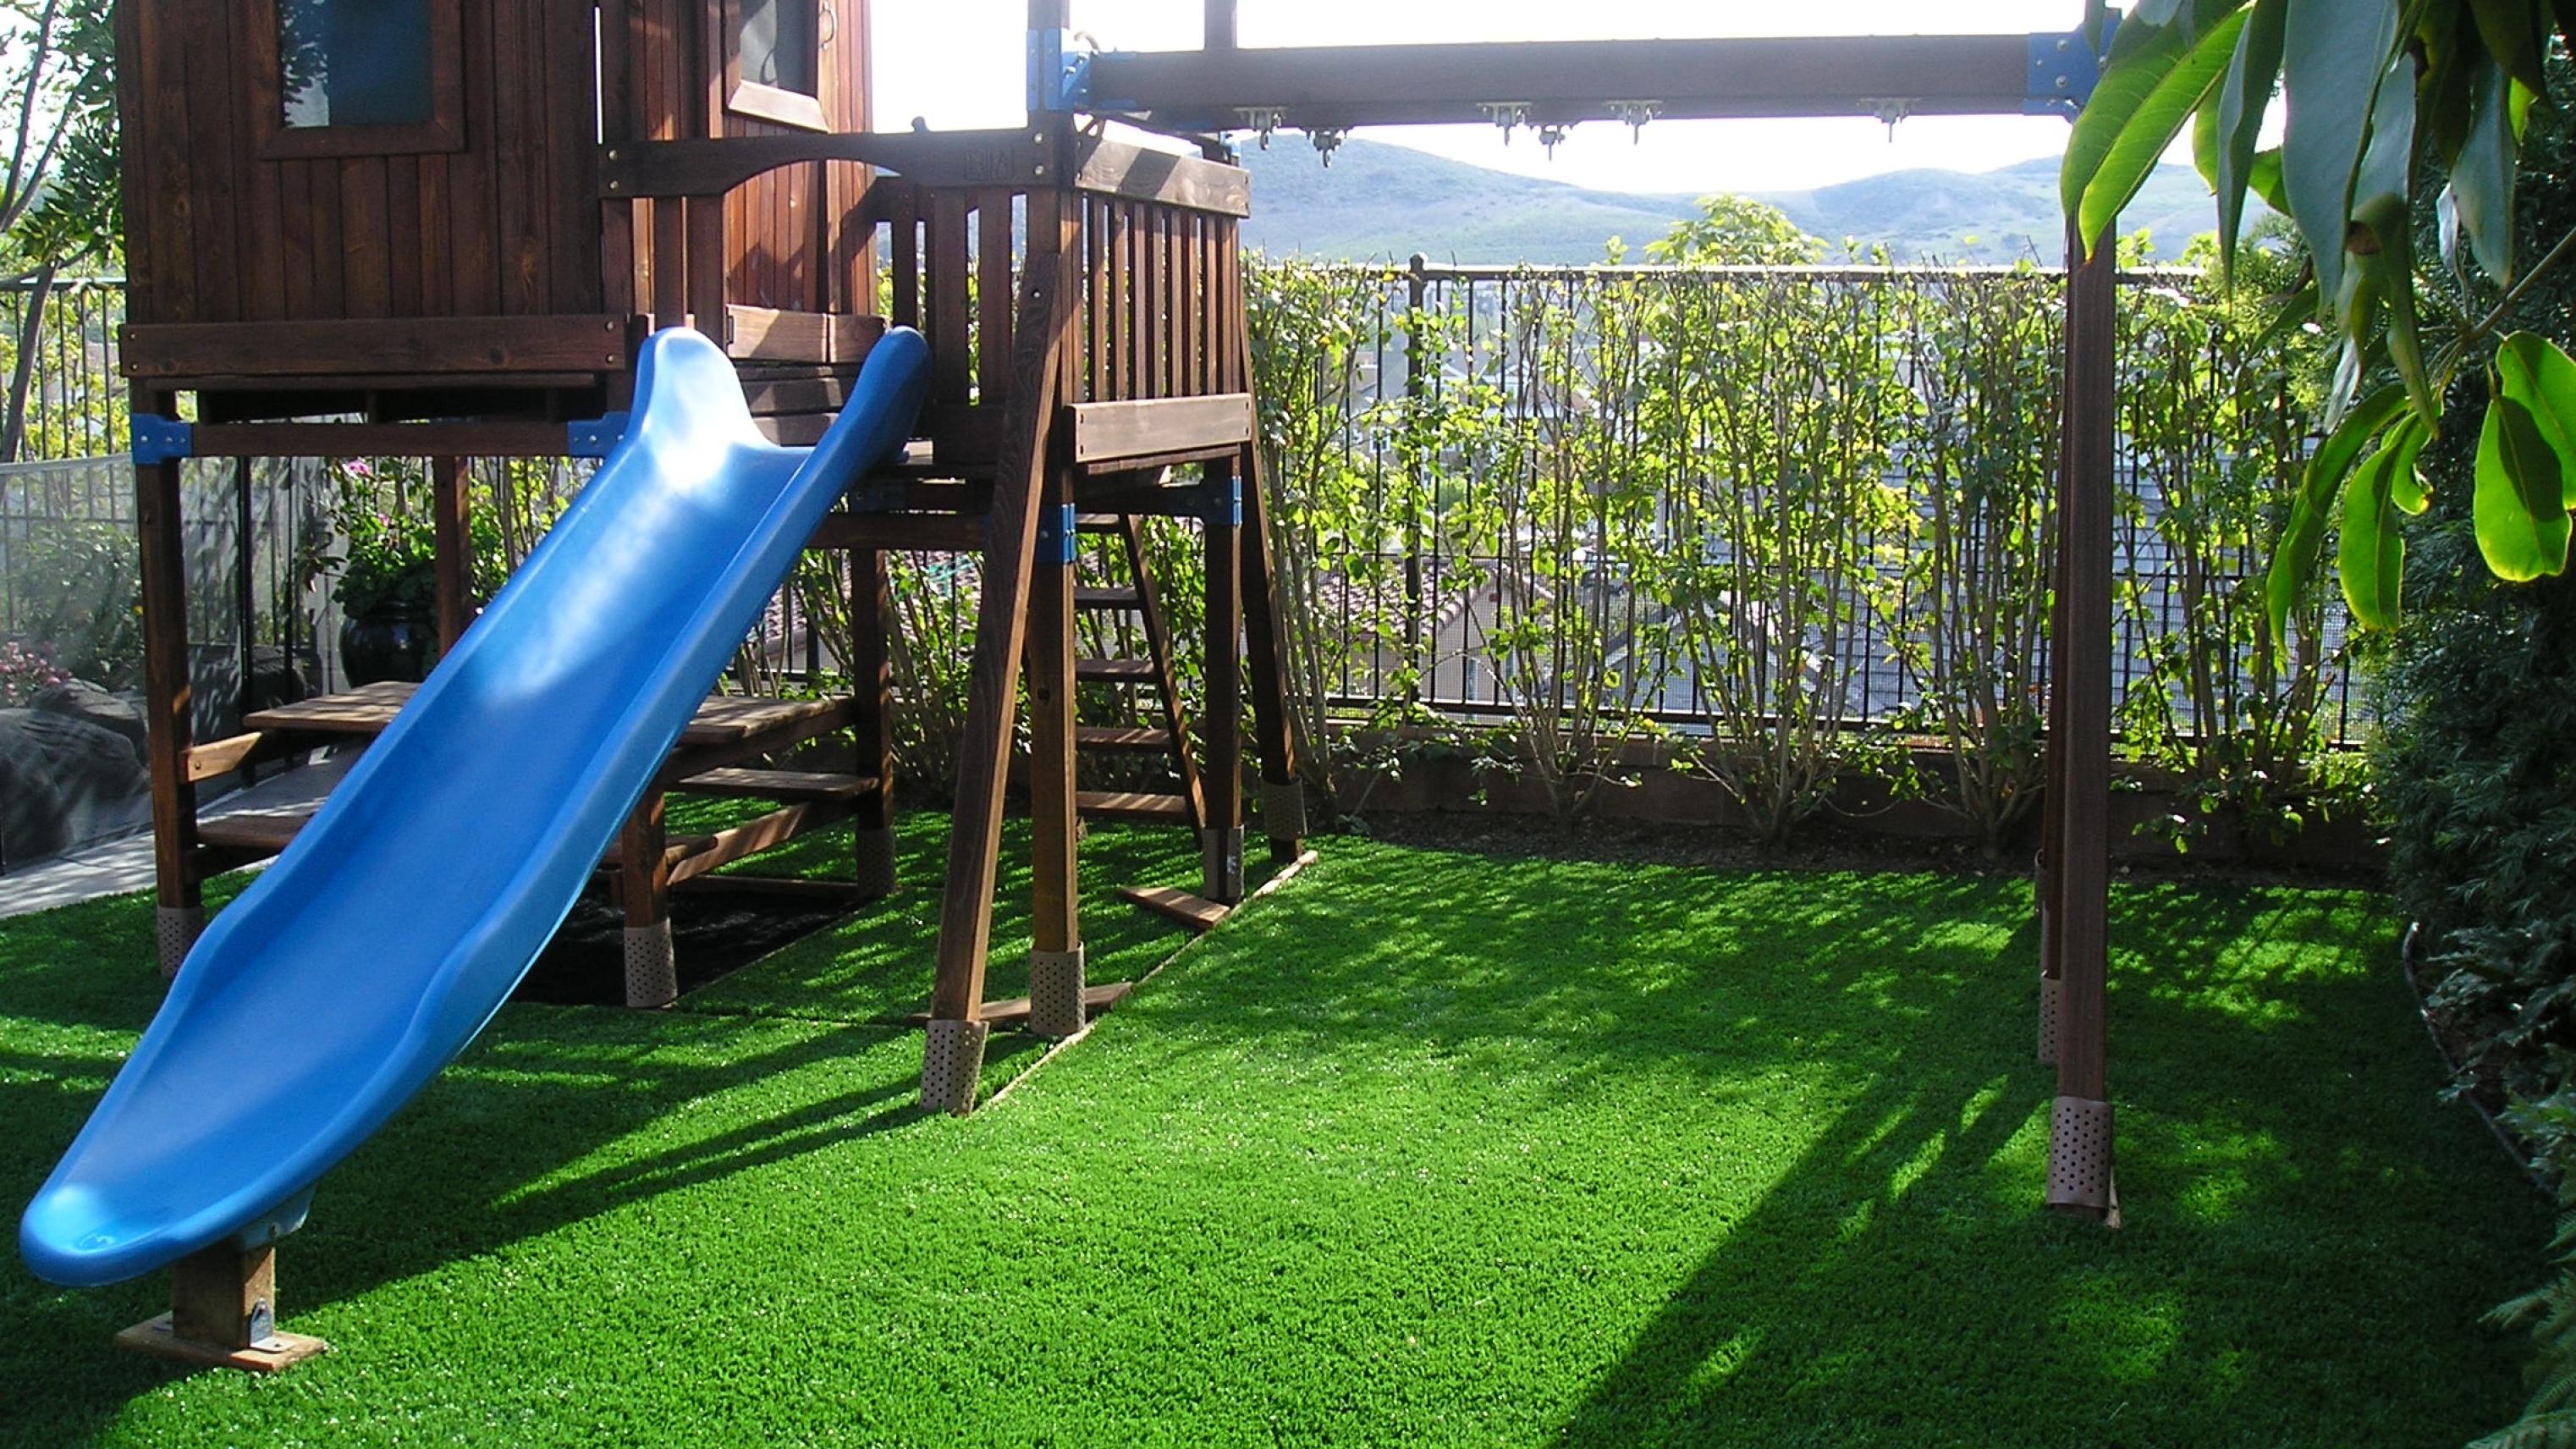 Super Natural 80 outdoor artificial grass,playground grass,outdoor grass,artificial grass for play area,artificial grass for playgrounds